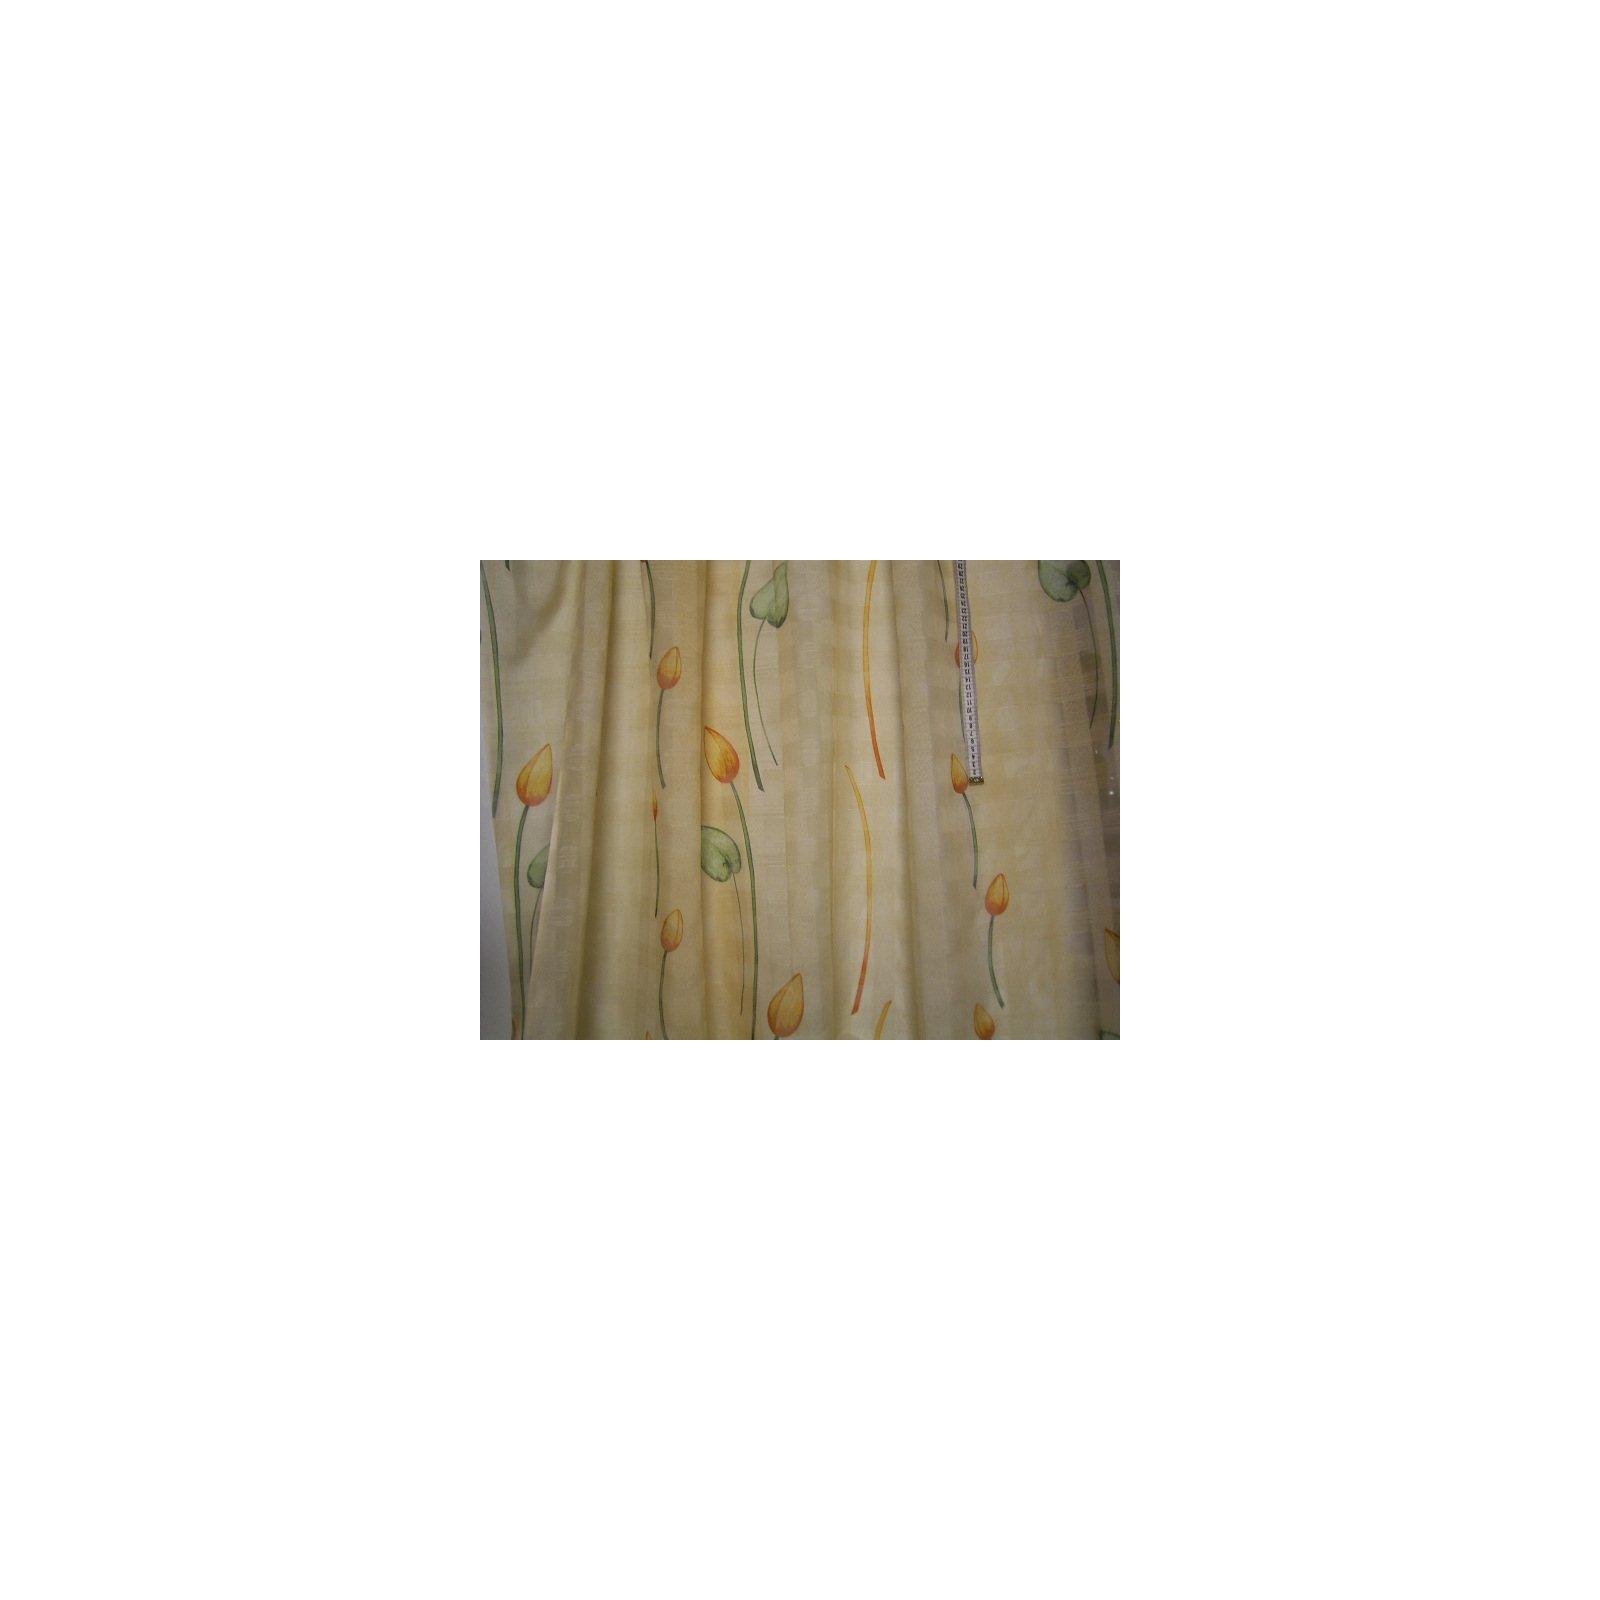 Gardinen raffrollostoff transparent kariert mit zweigen in orange und gruen.jpg